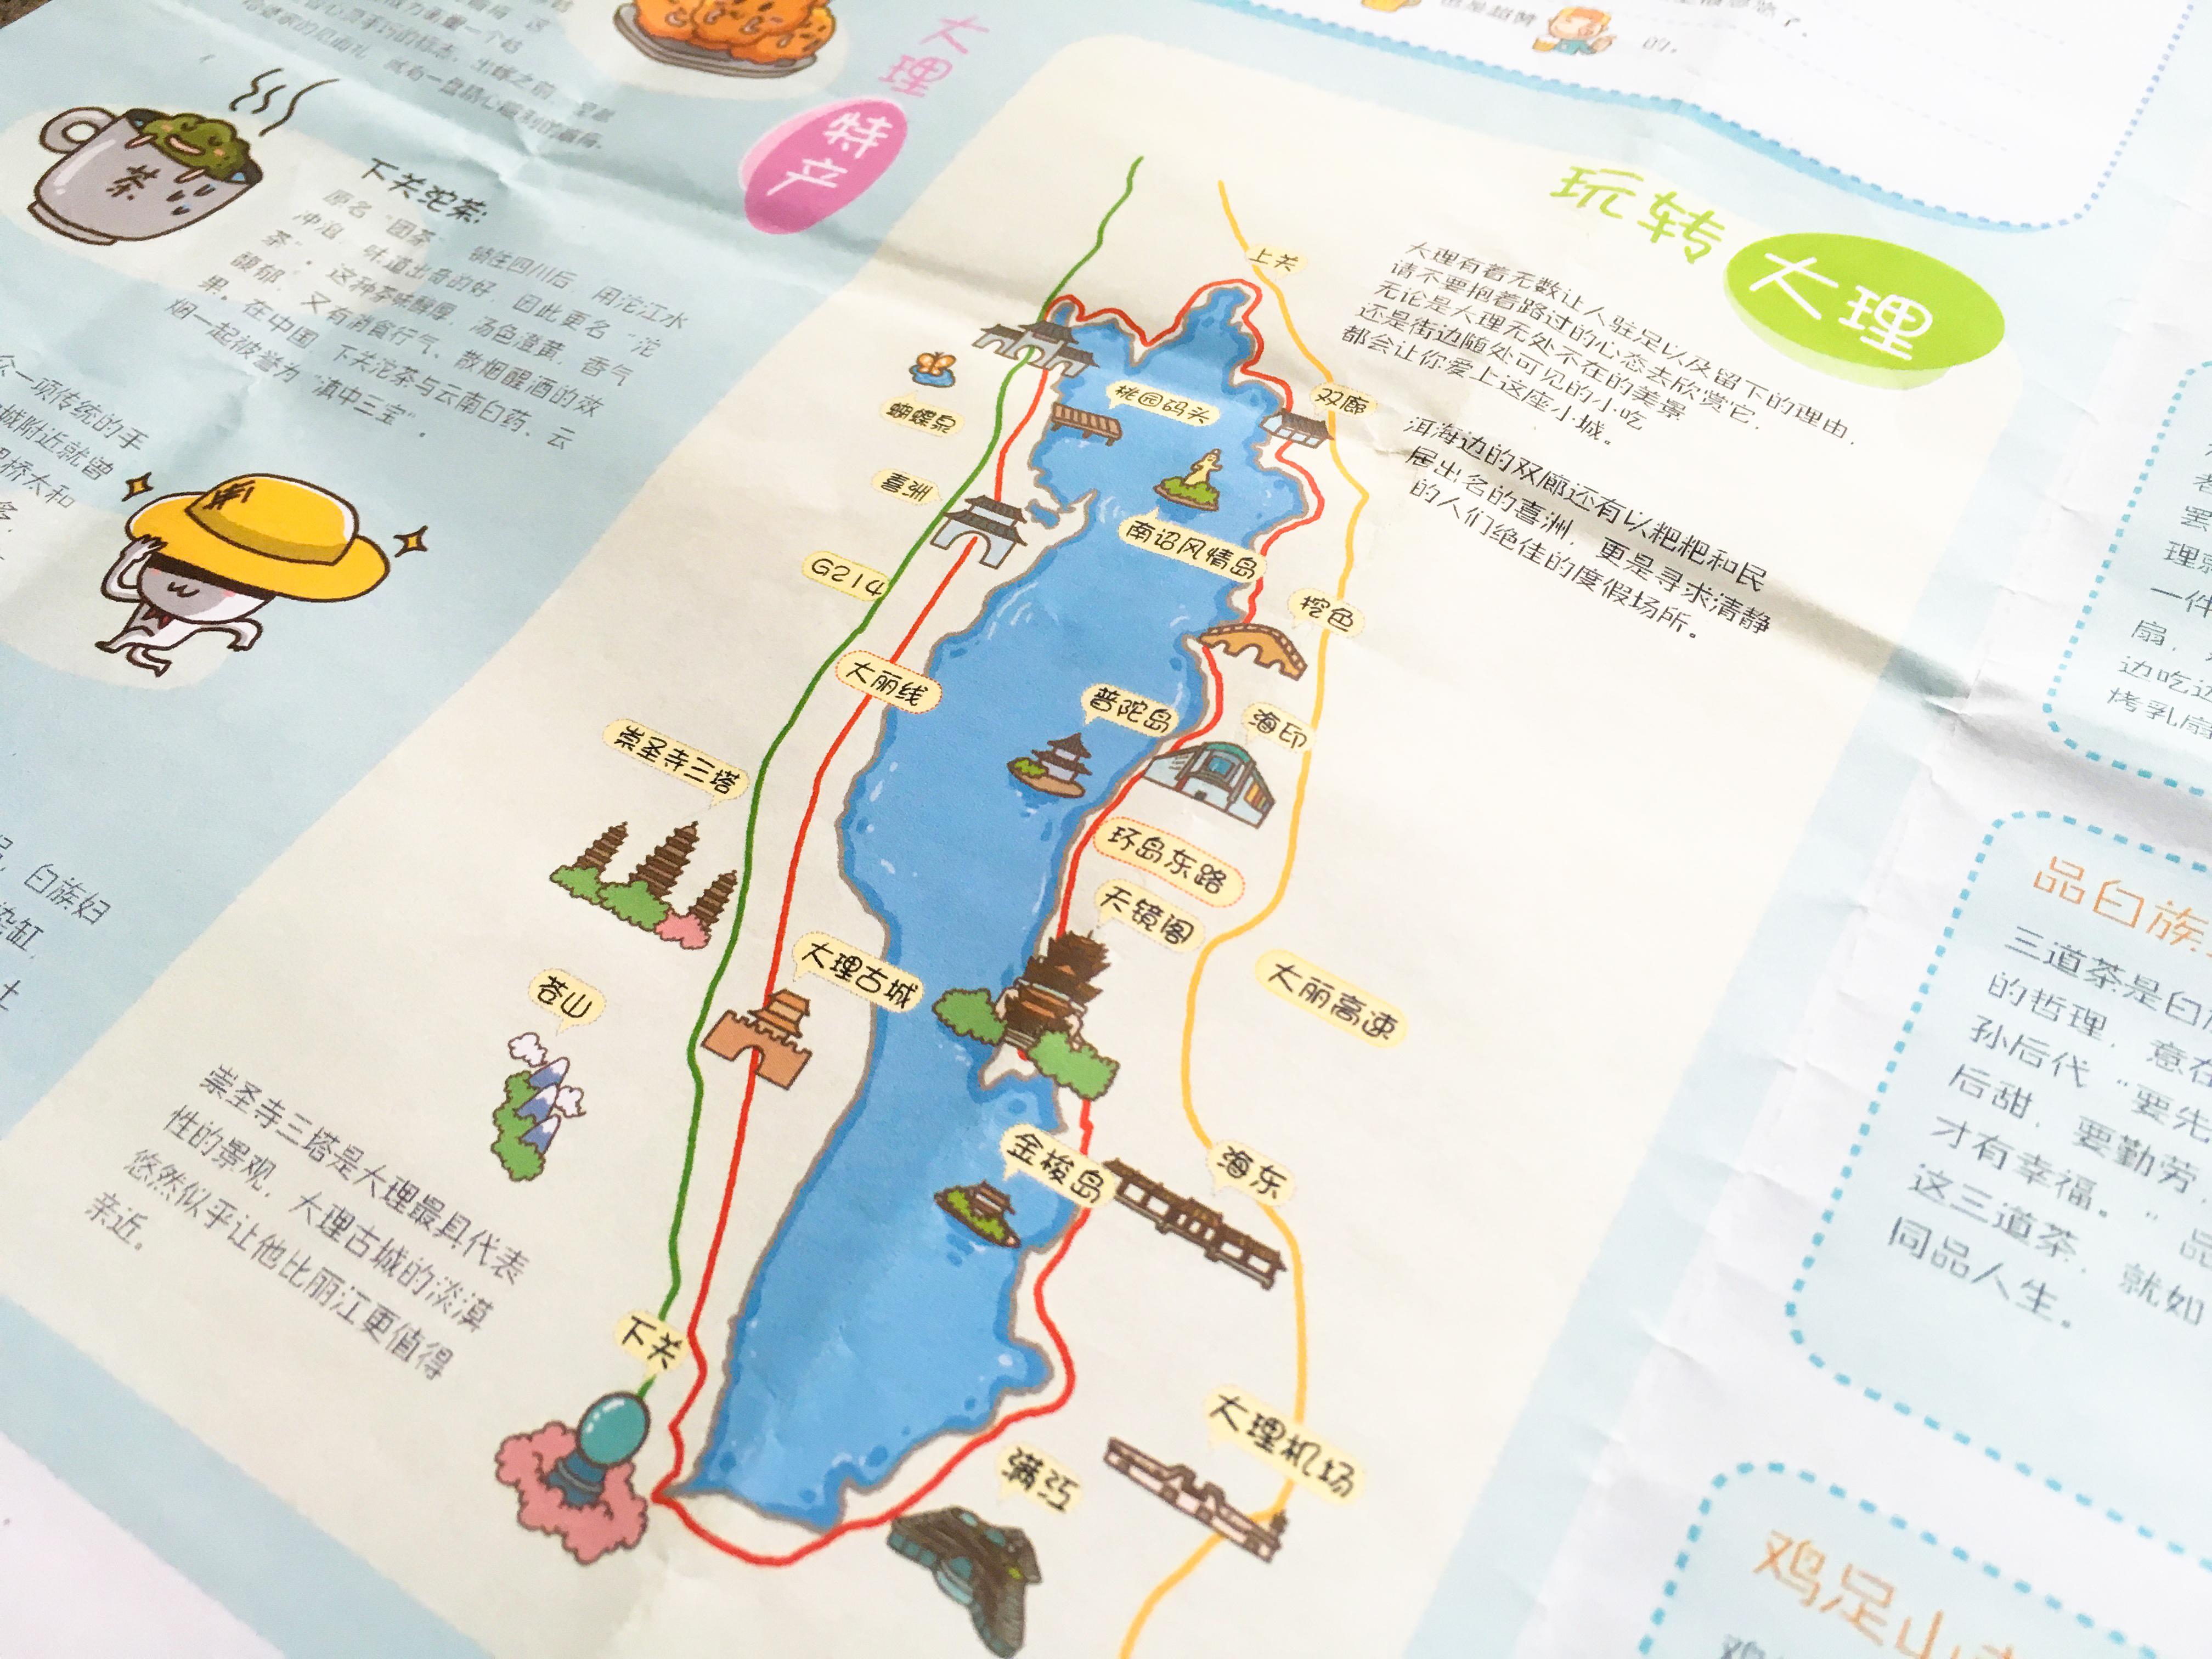 大理手绘地图|工业/产品|礼品/纪念品|石头人手绘旅行